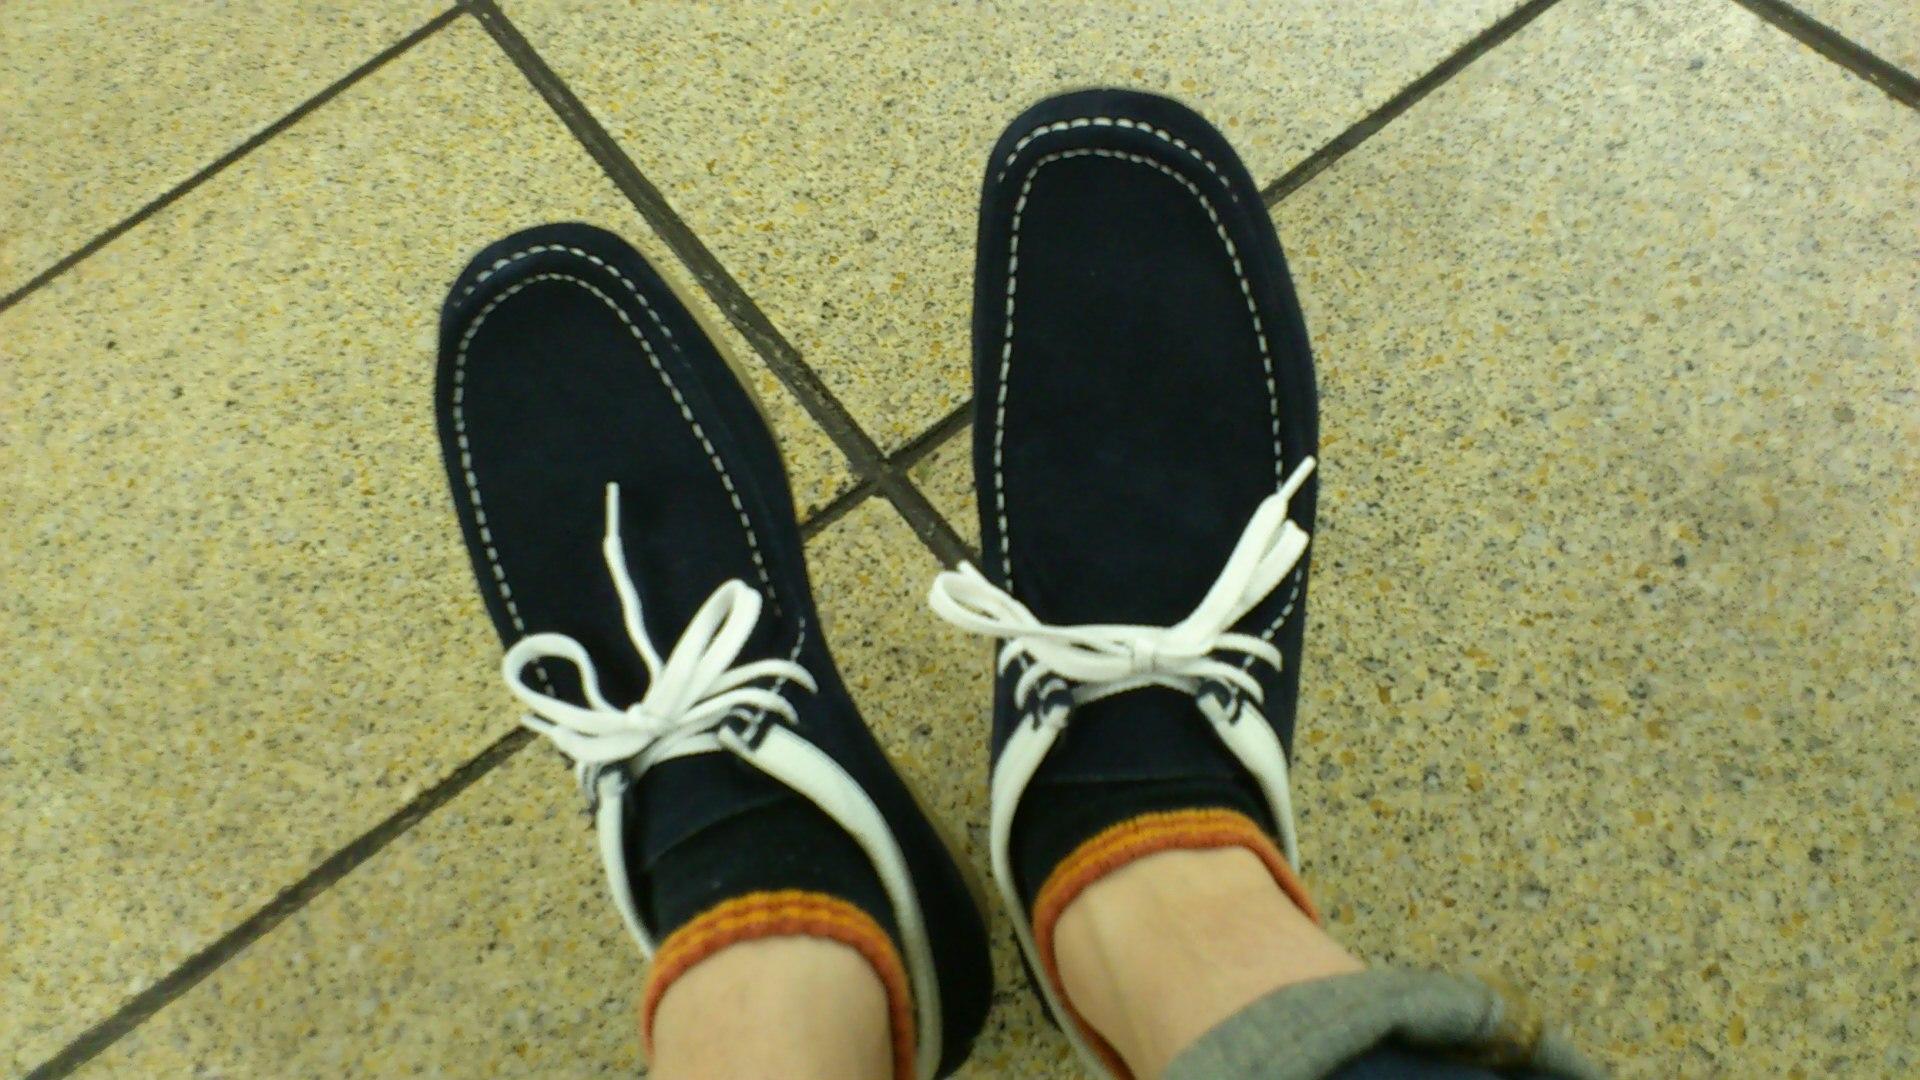 新しい靴を履いて街へ出よう。